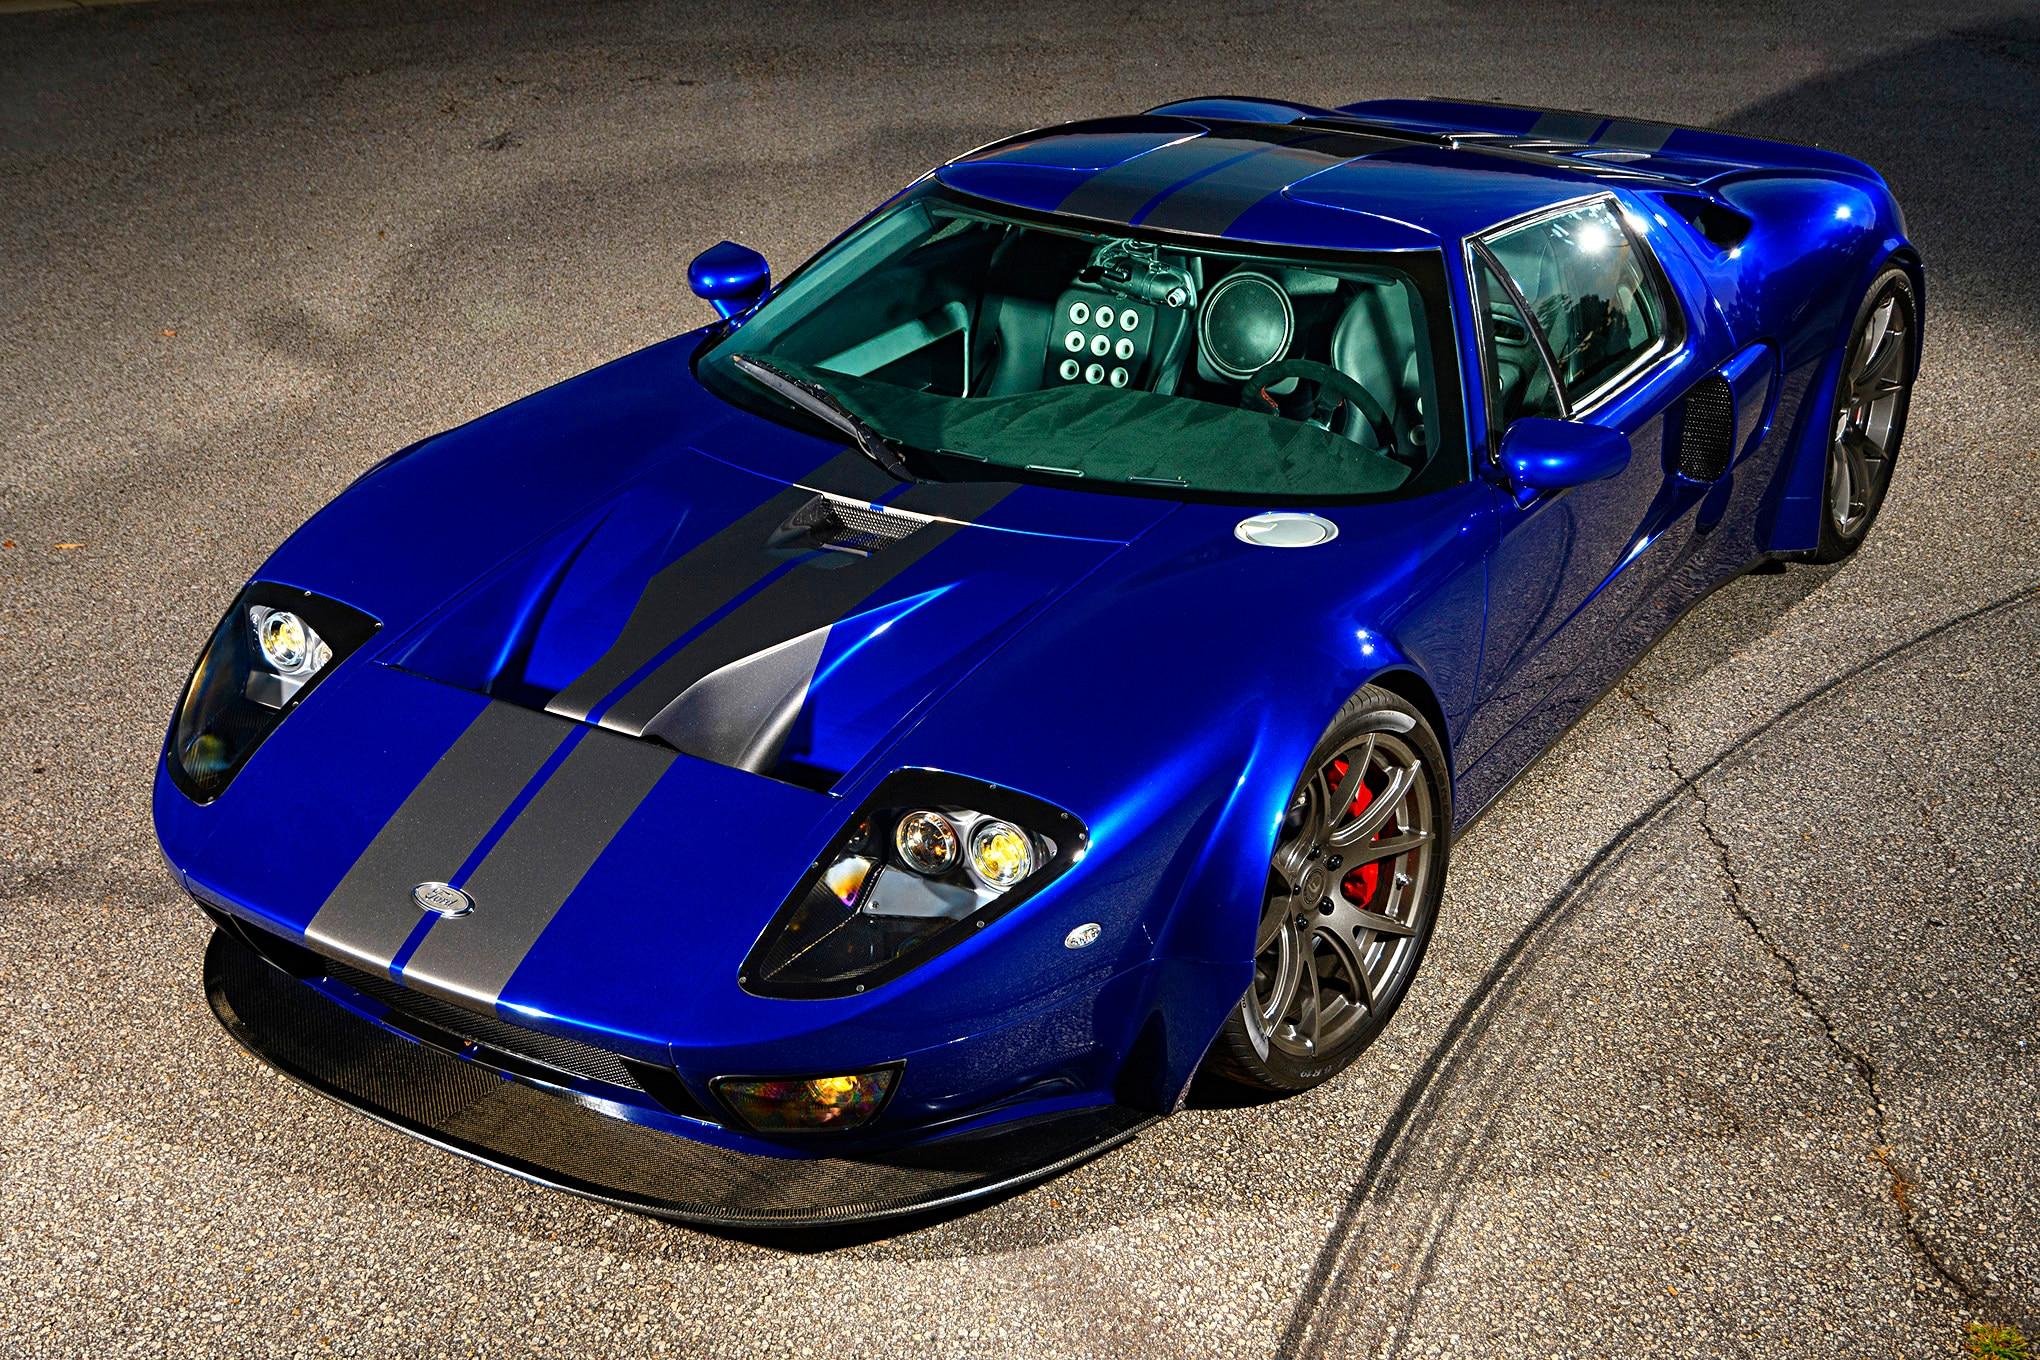 035-Superlite-GT-R-front-side-high.jpg